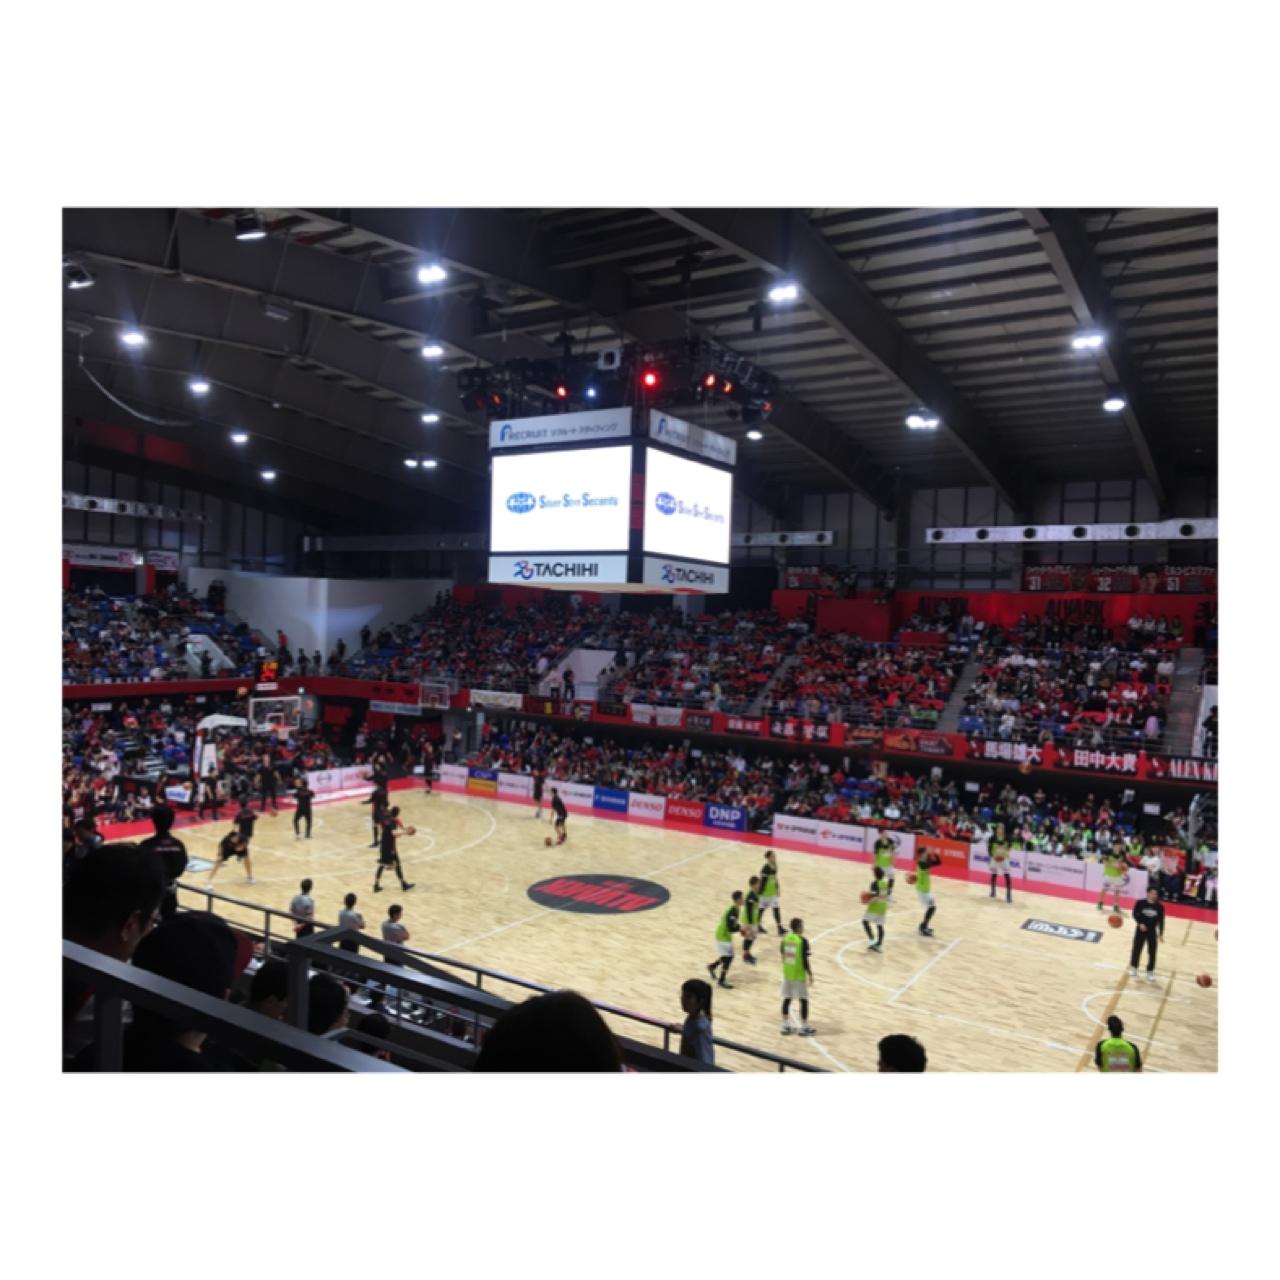 【スポーツ観戦しよう!】今熱い!話題のバスケットボール、解説します❤︎_4